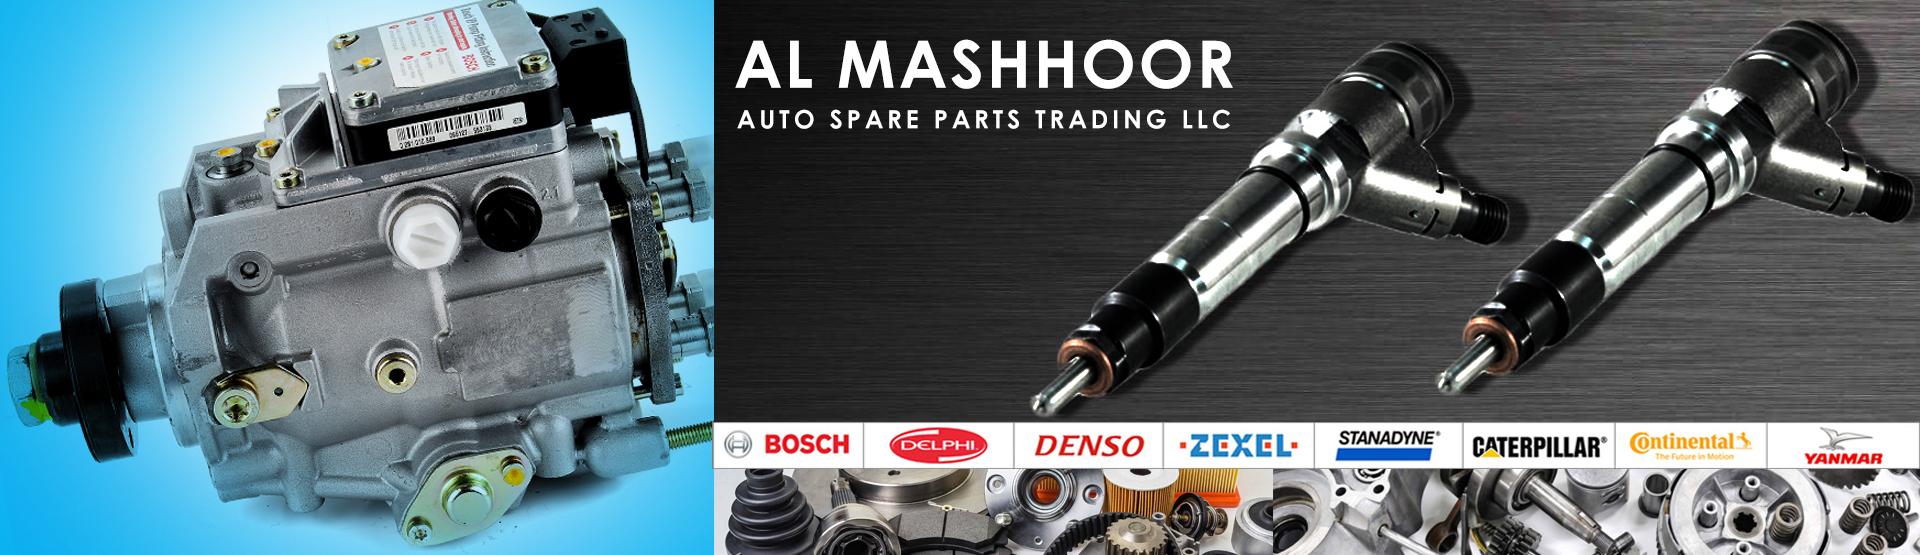 AL MASHHOOR AUTO SPARE PARTS TRADING LLC